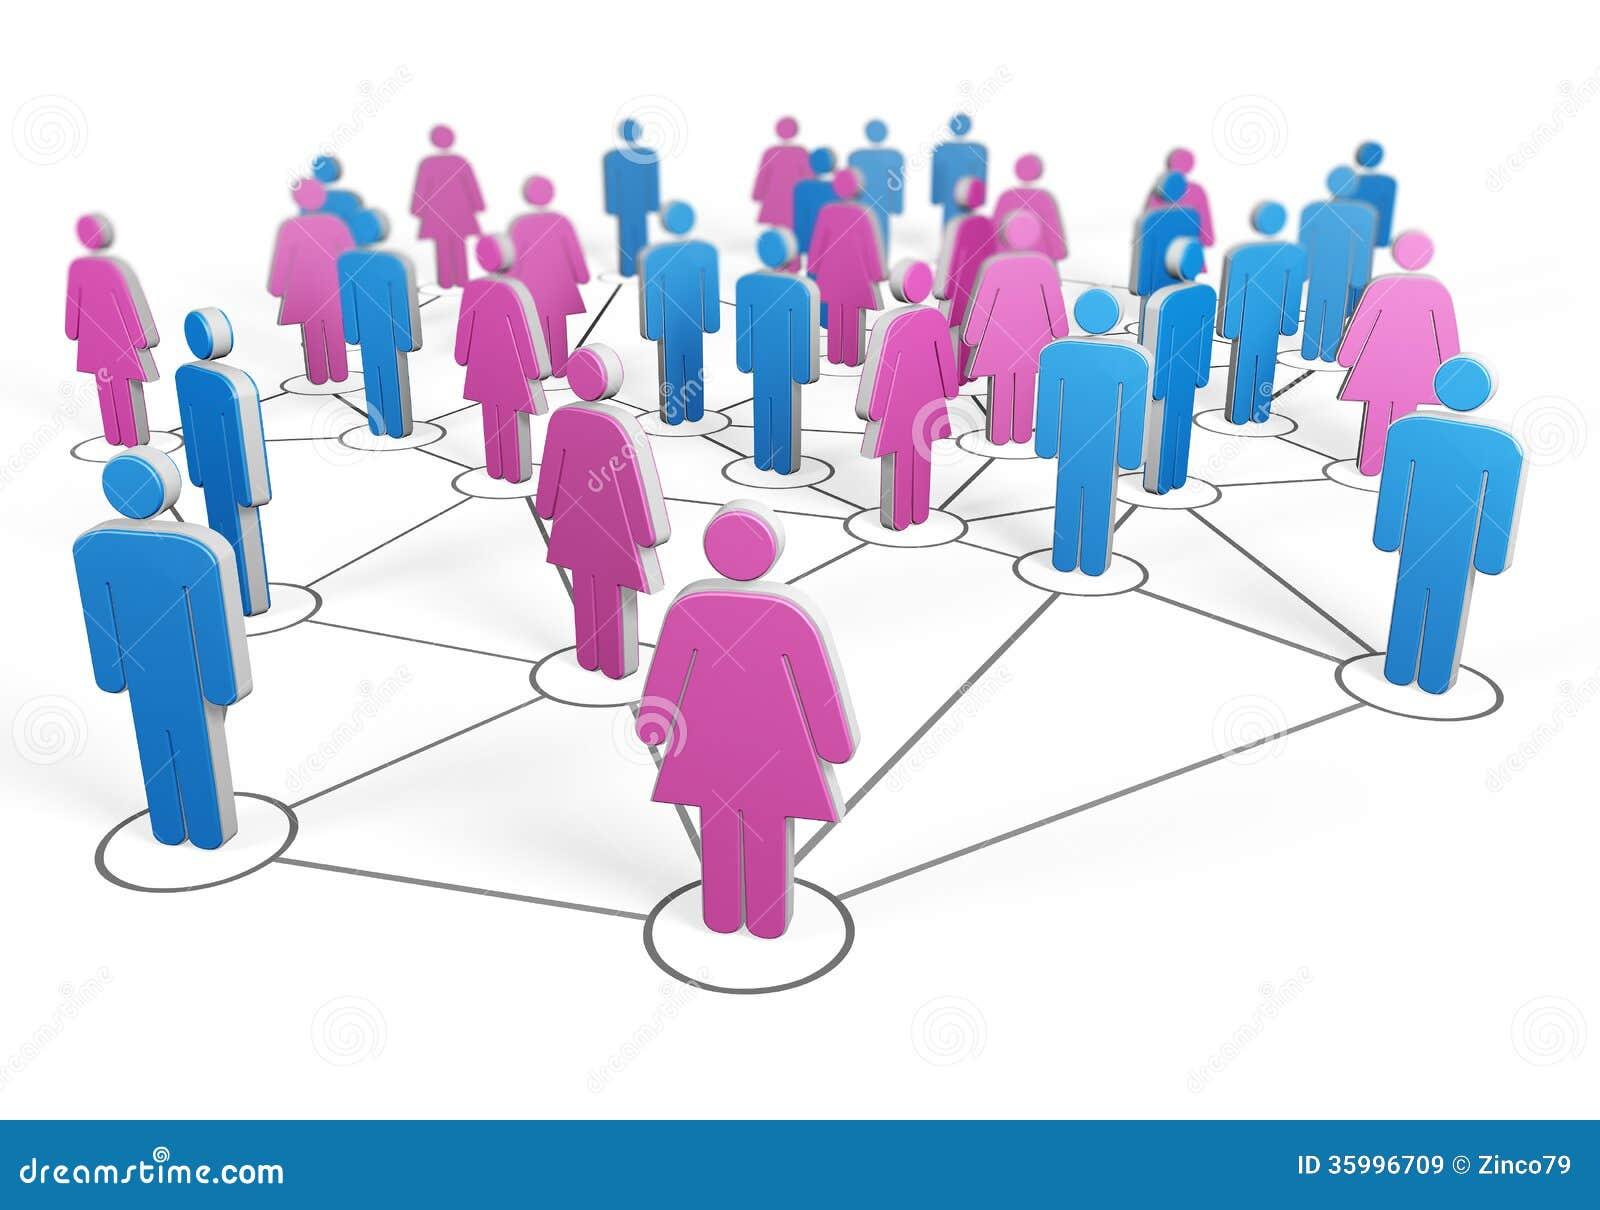 Konturn av gruppen av män och kvinnor förband tillsammans vid trådar